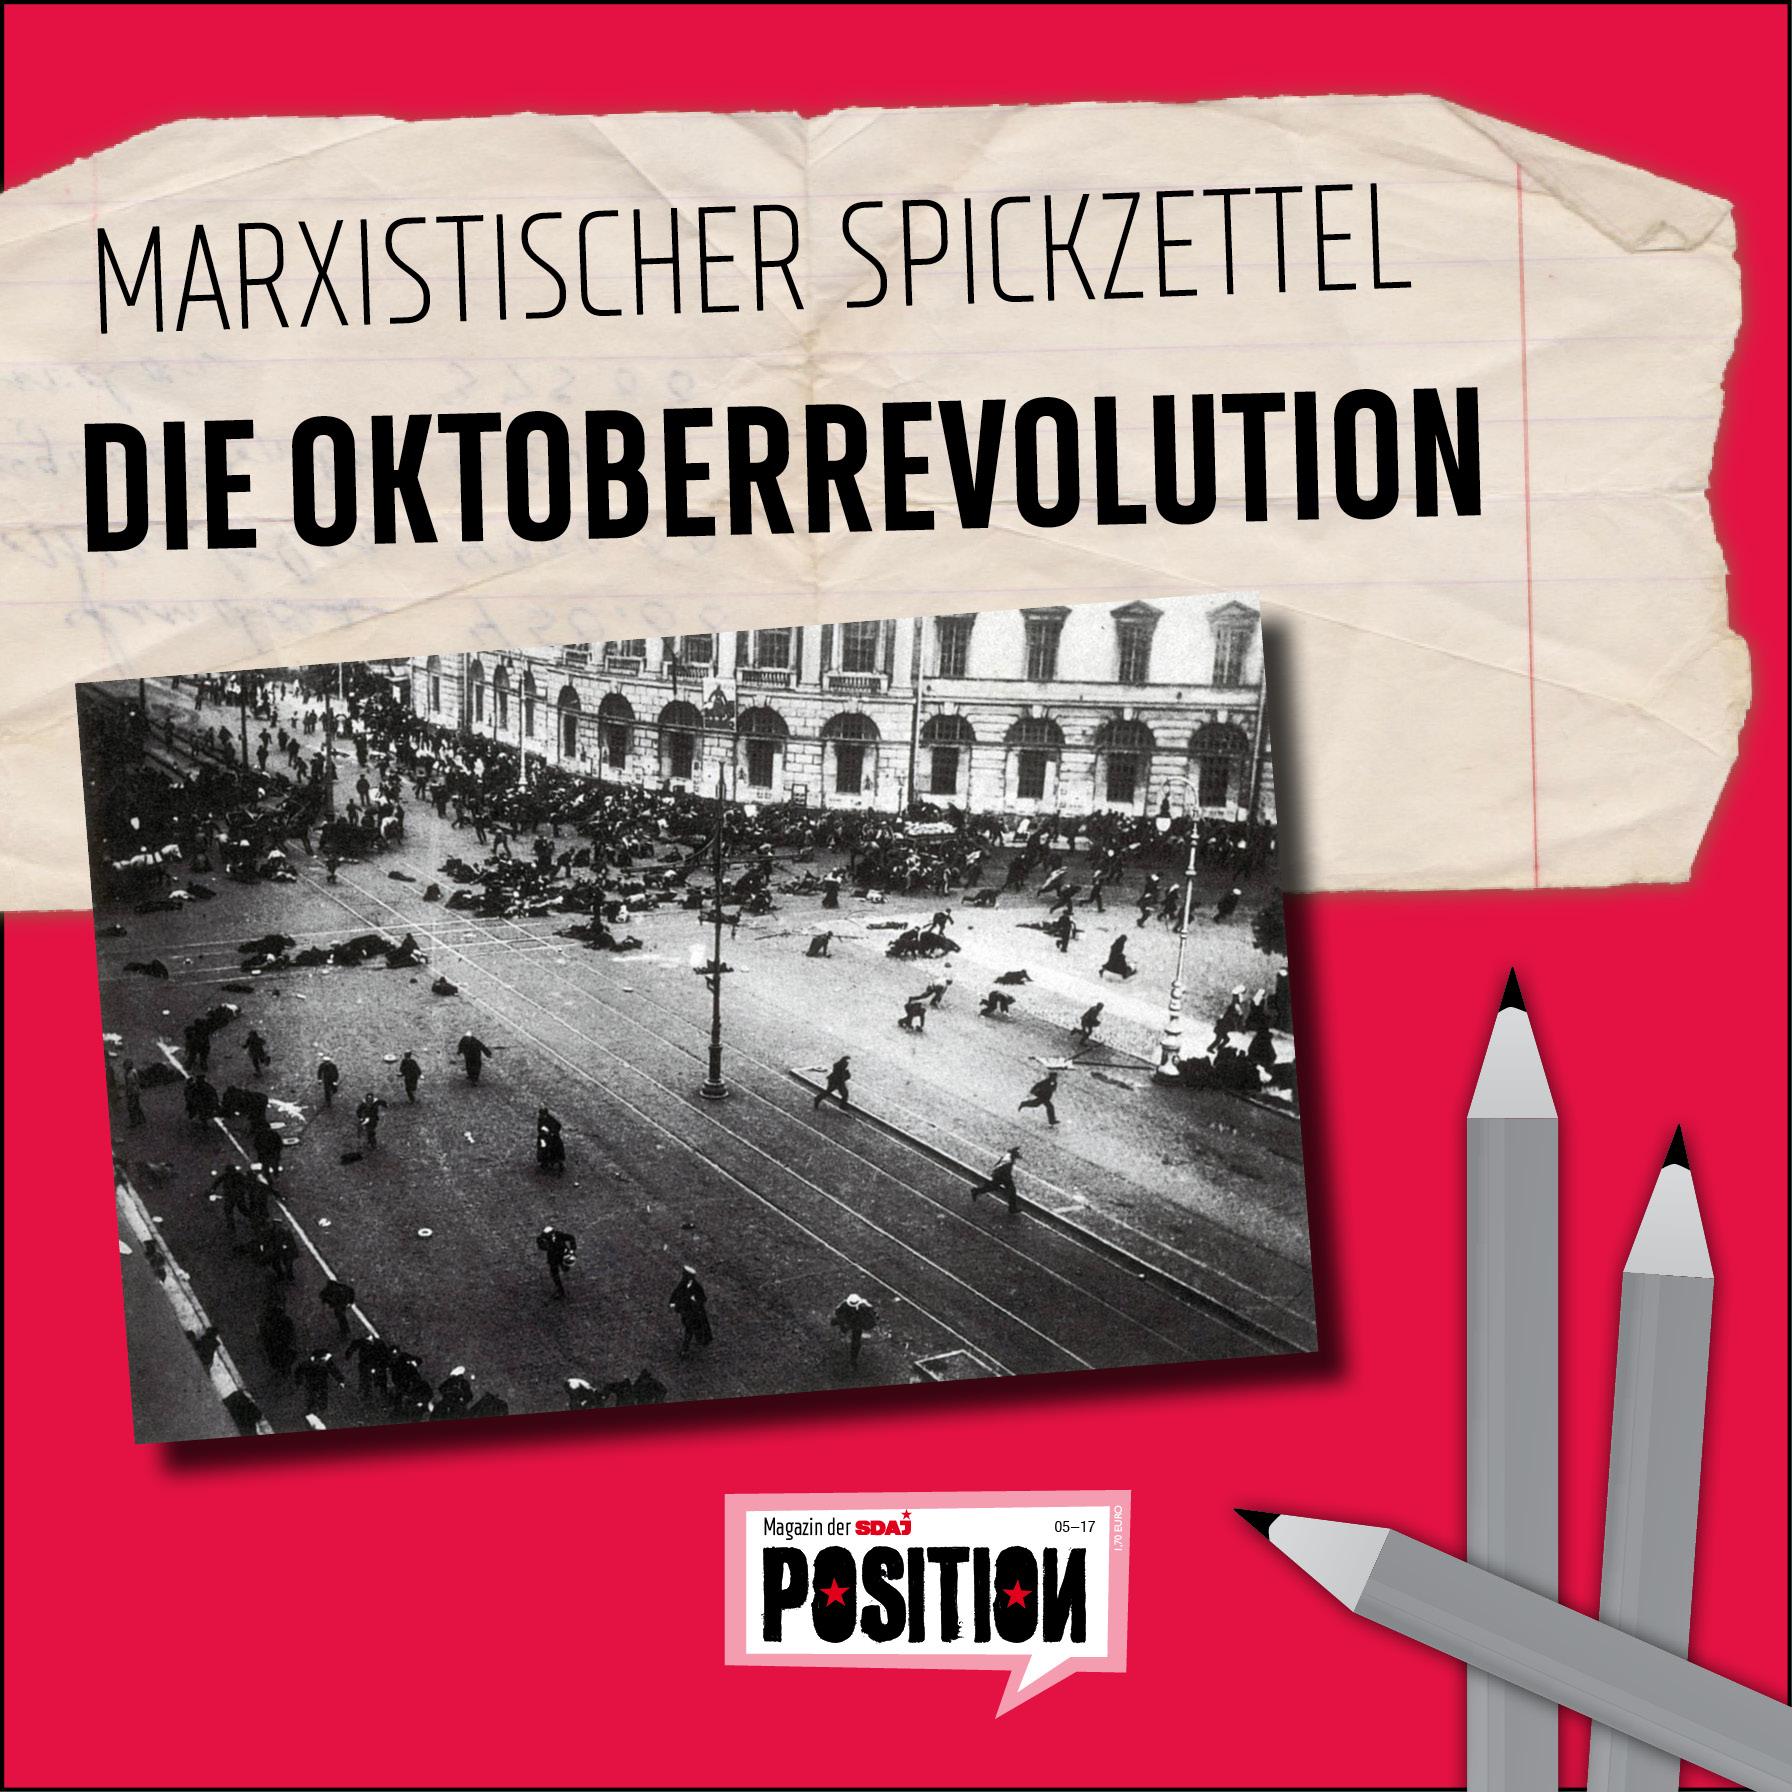 Marxistischer Spickzettel: Die Oktoberrevolution